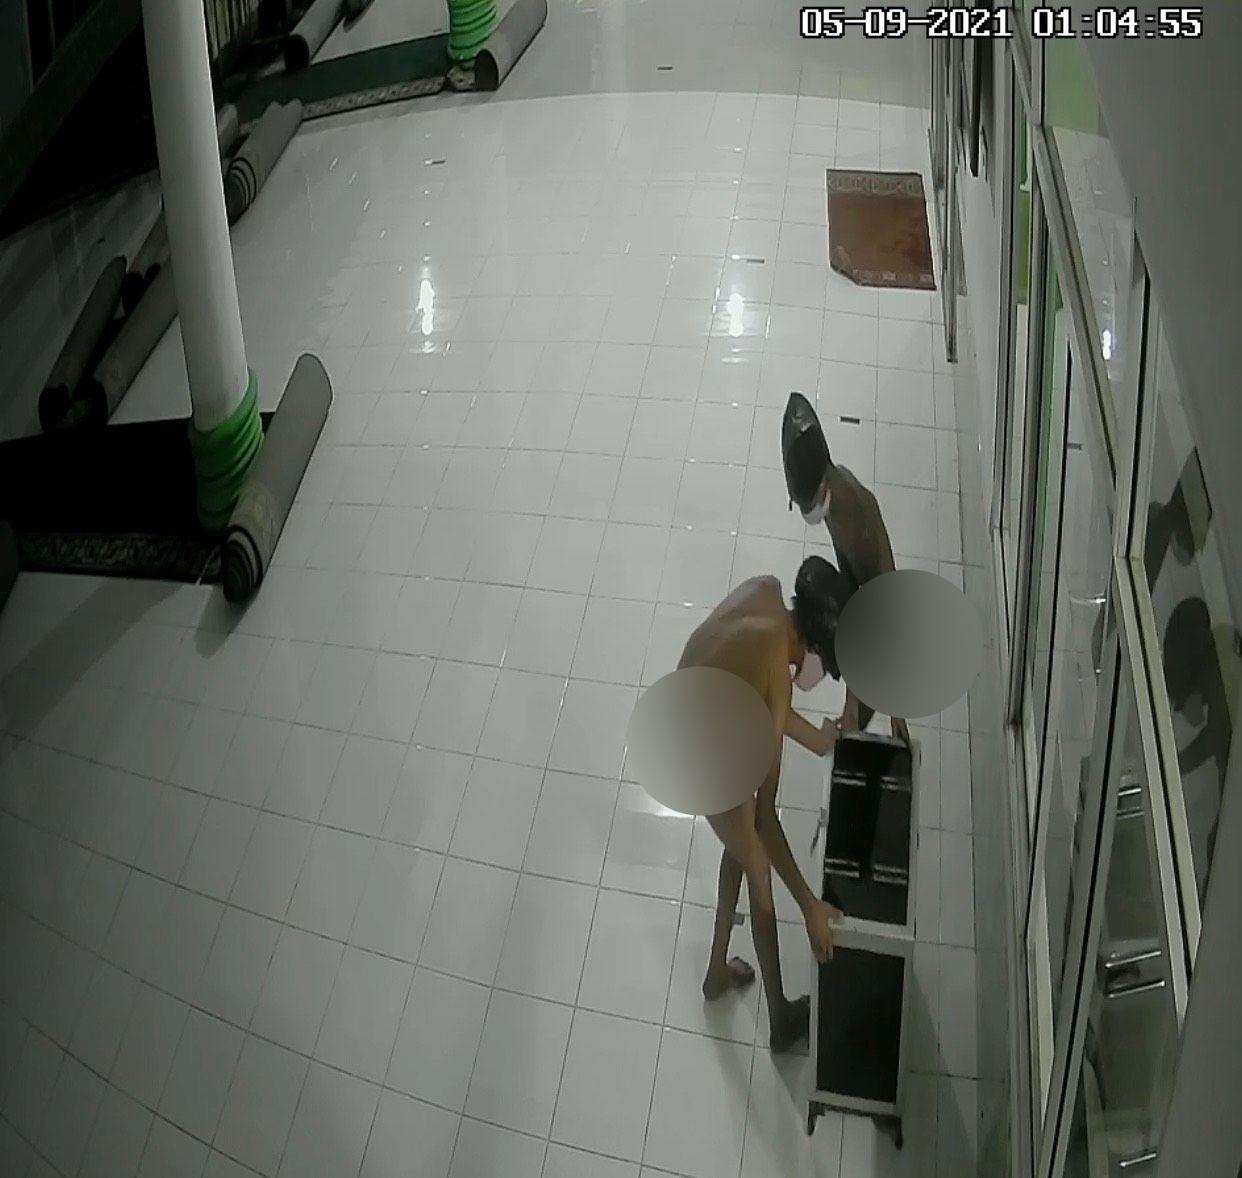 Screenshot video viral 2 pria bercelana dalam curi kotak infak masjid di Sumbar (dok. Istimewa)